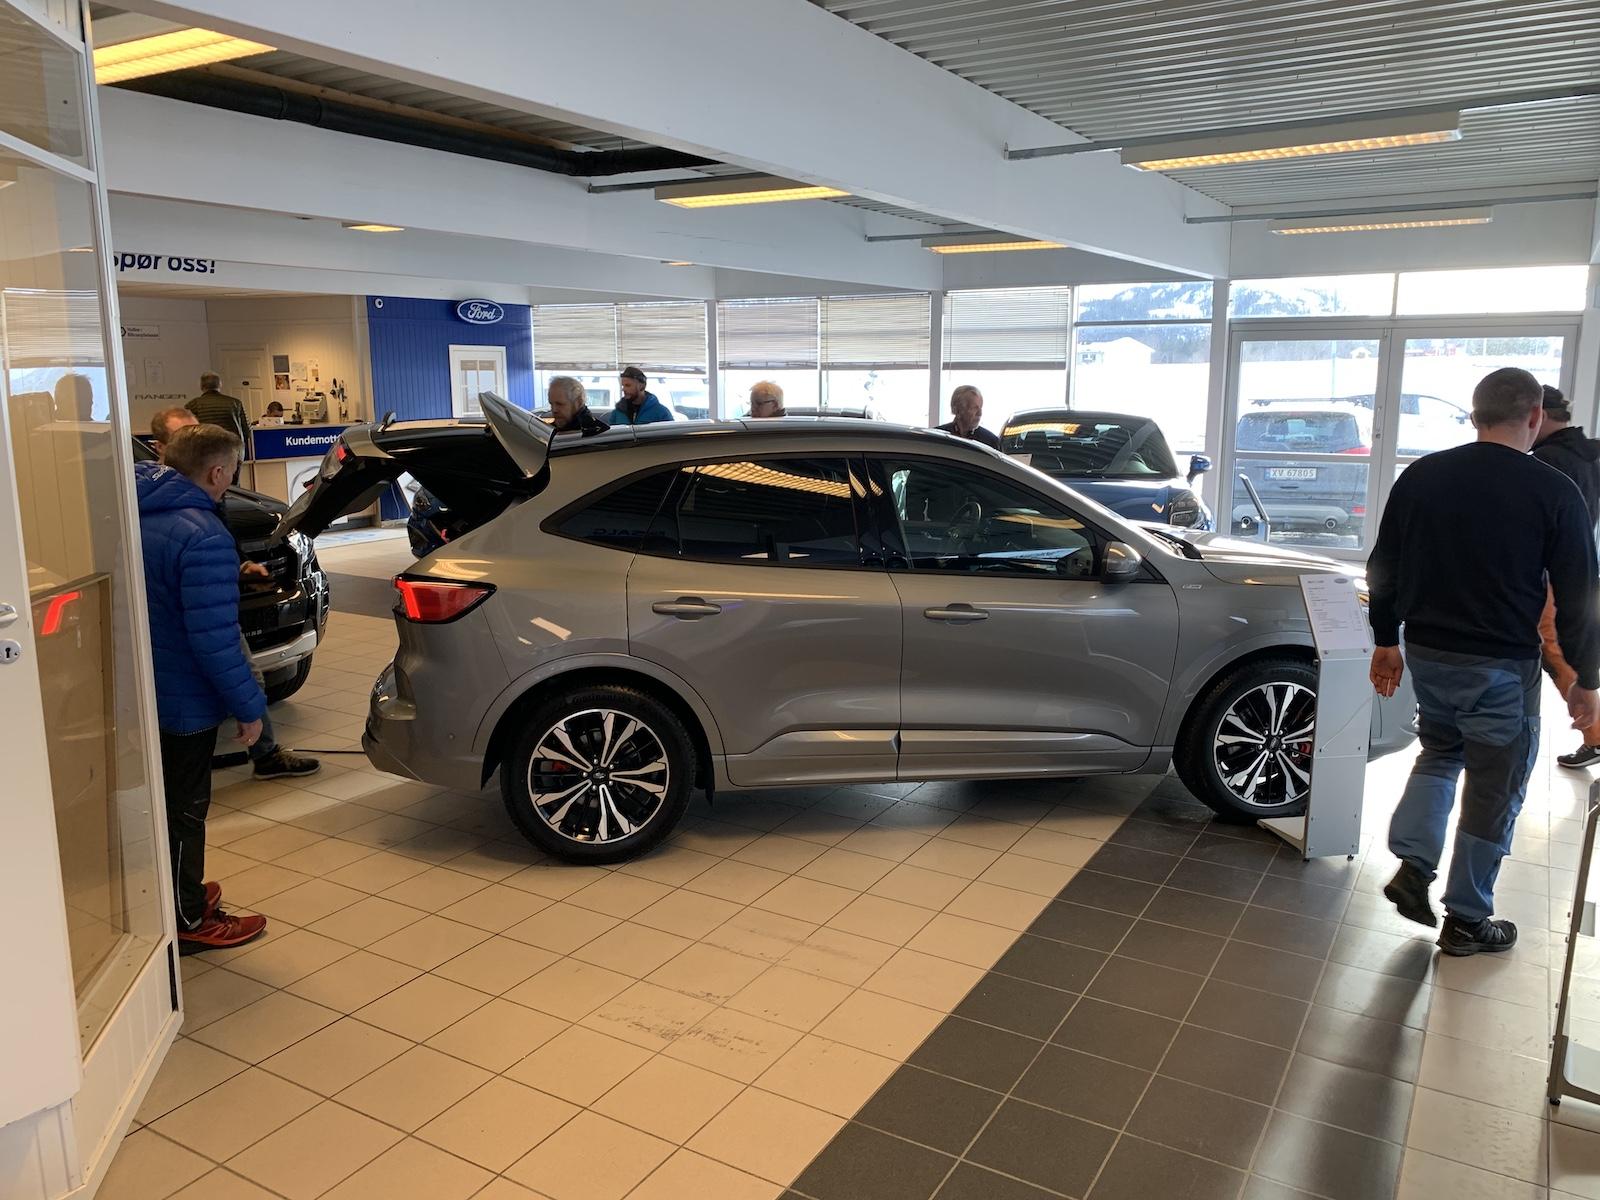 Ford Kuga PHV utstilt hos Bilfokus